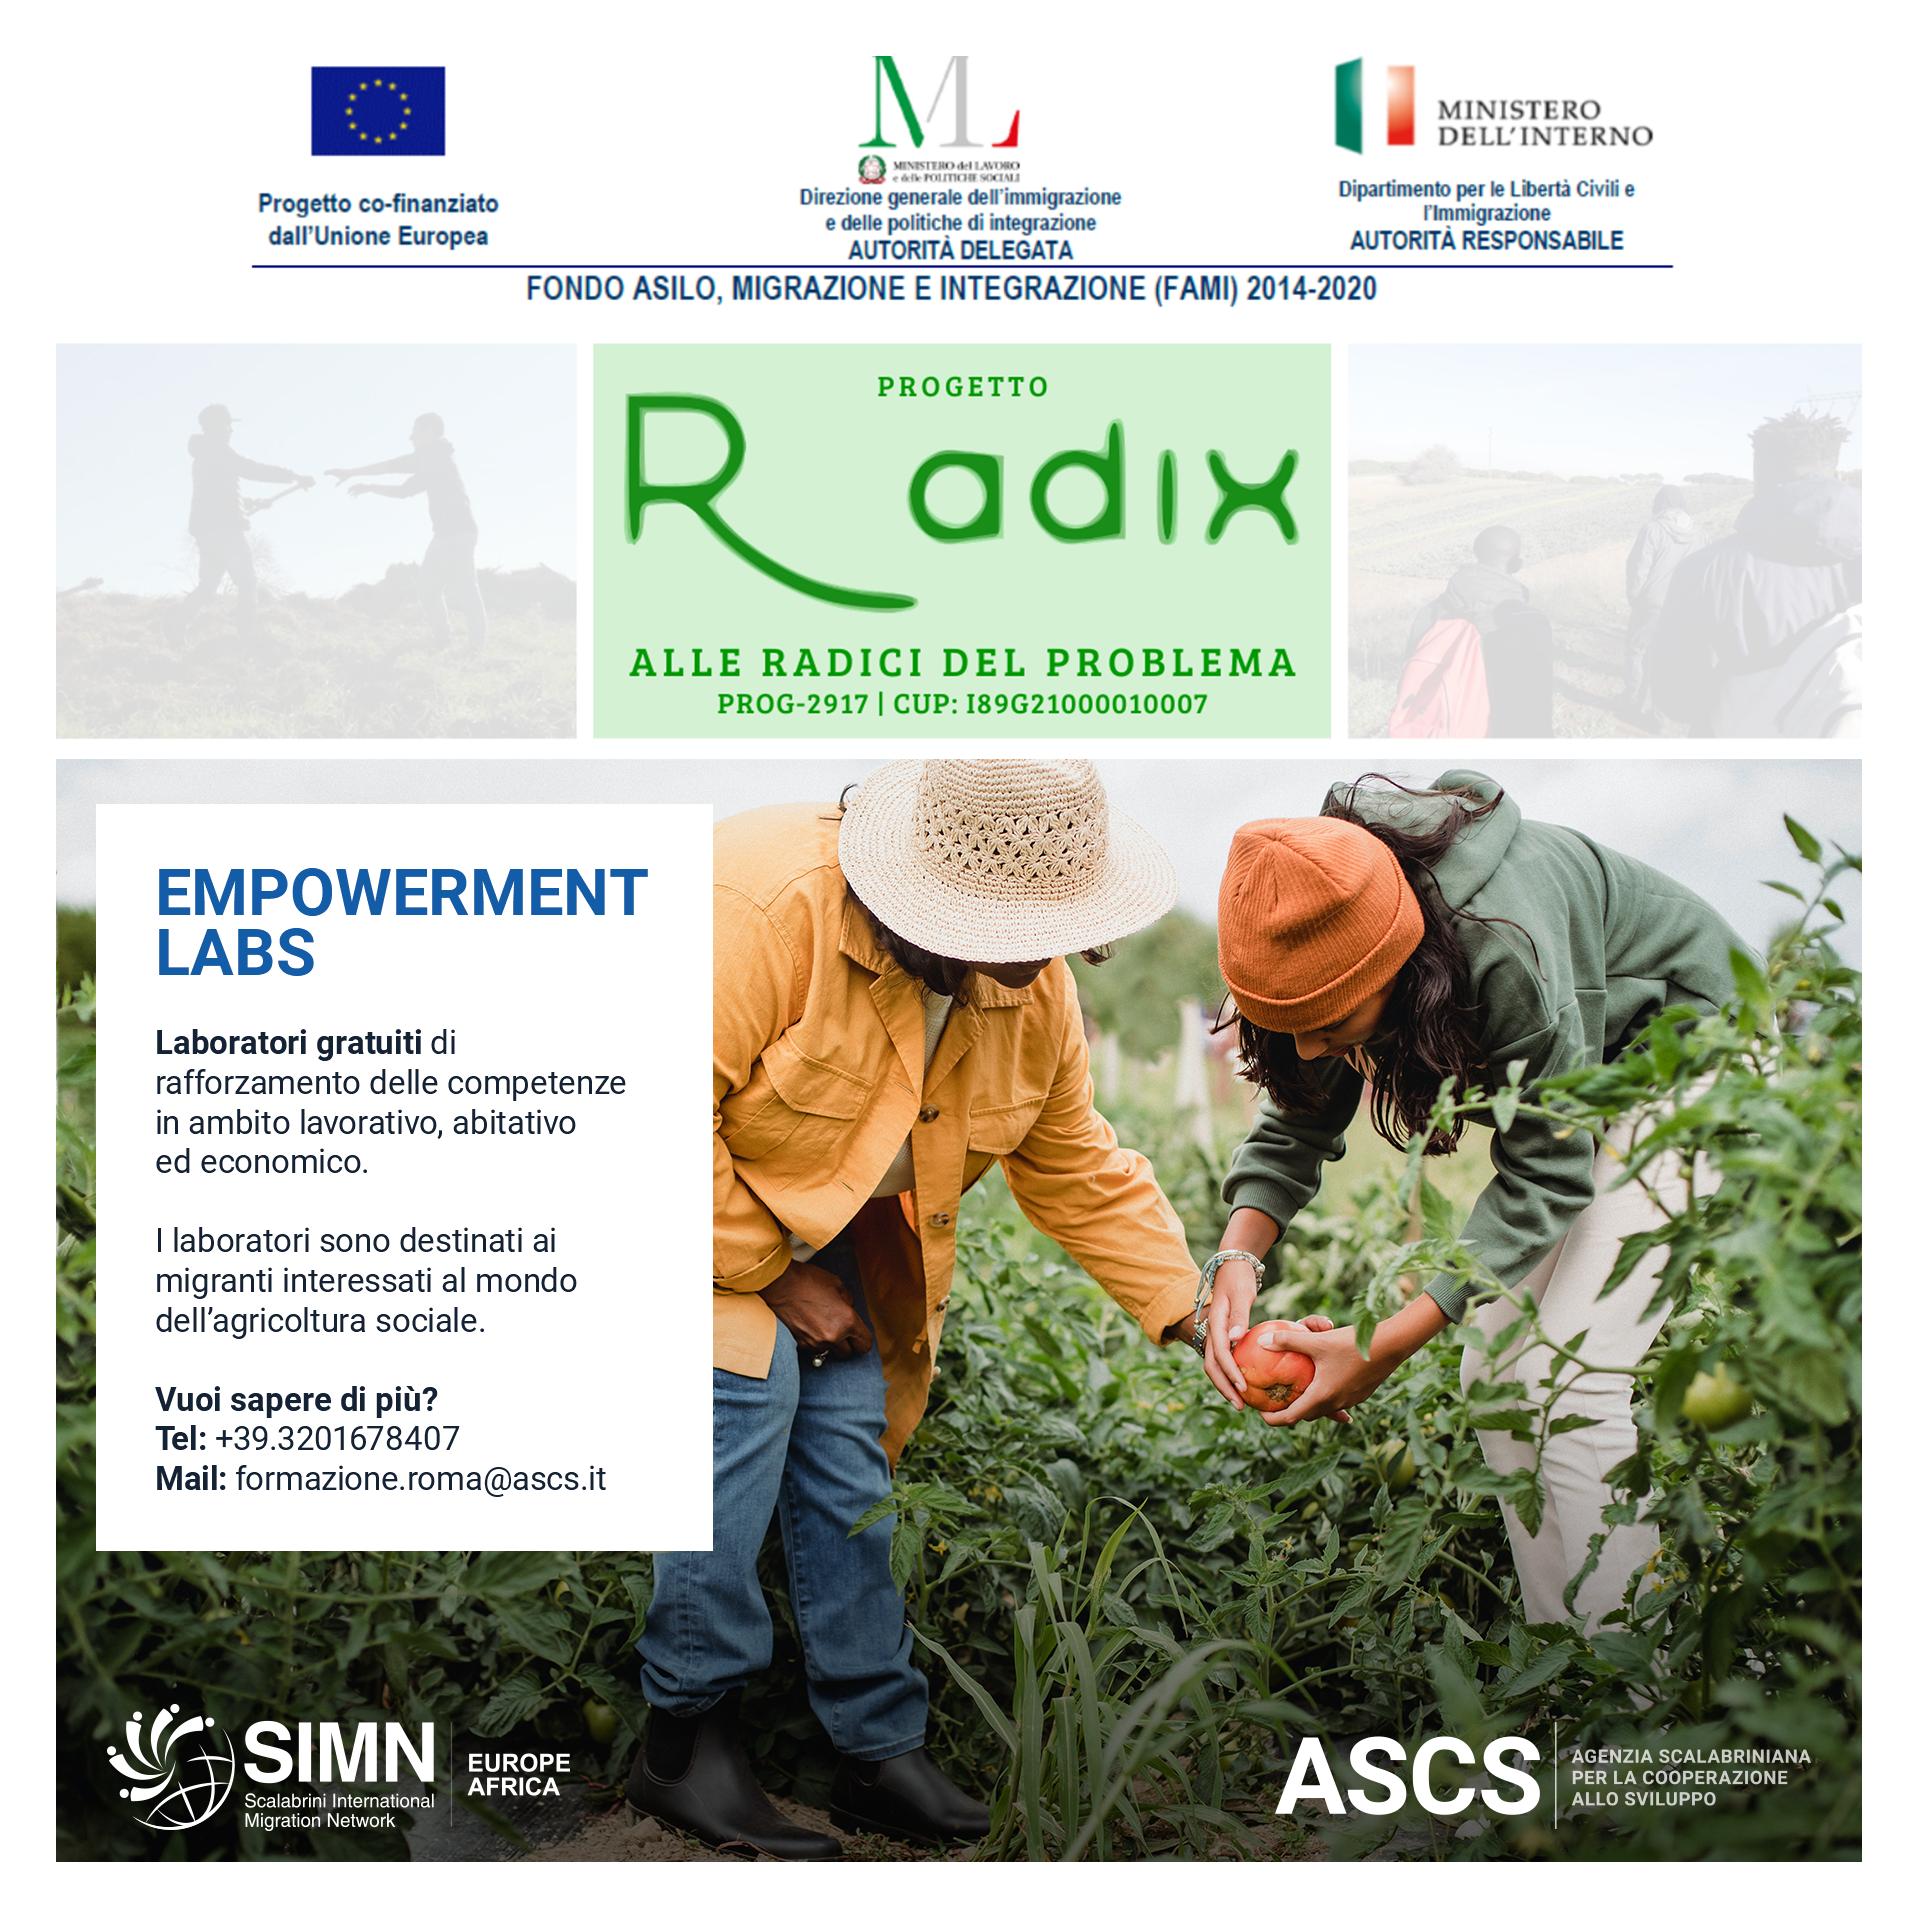 Empowerment Labs Radix